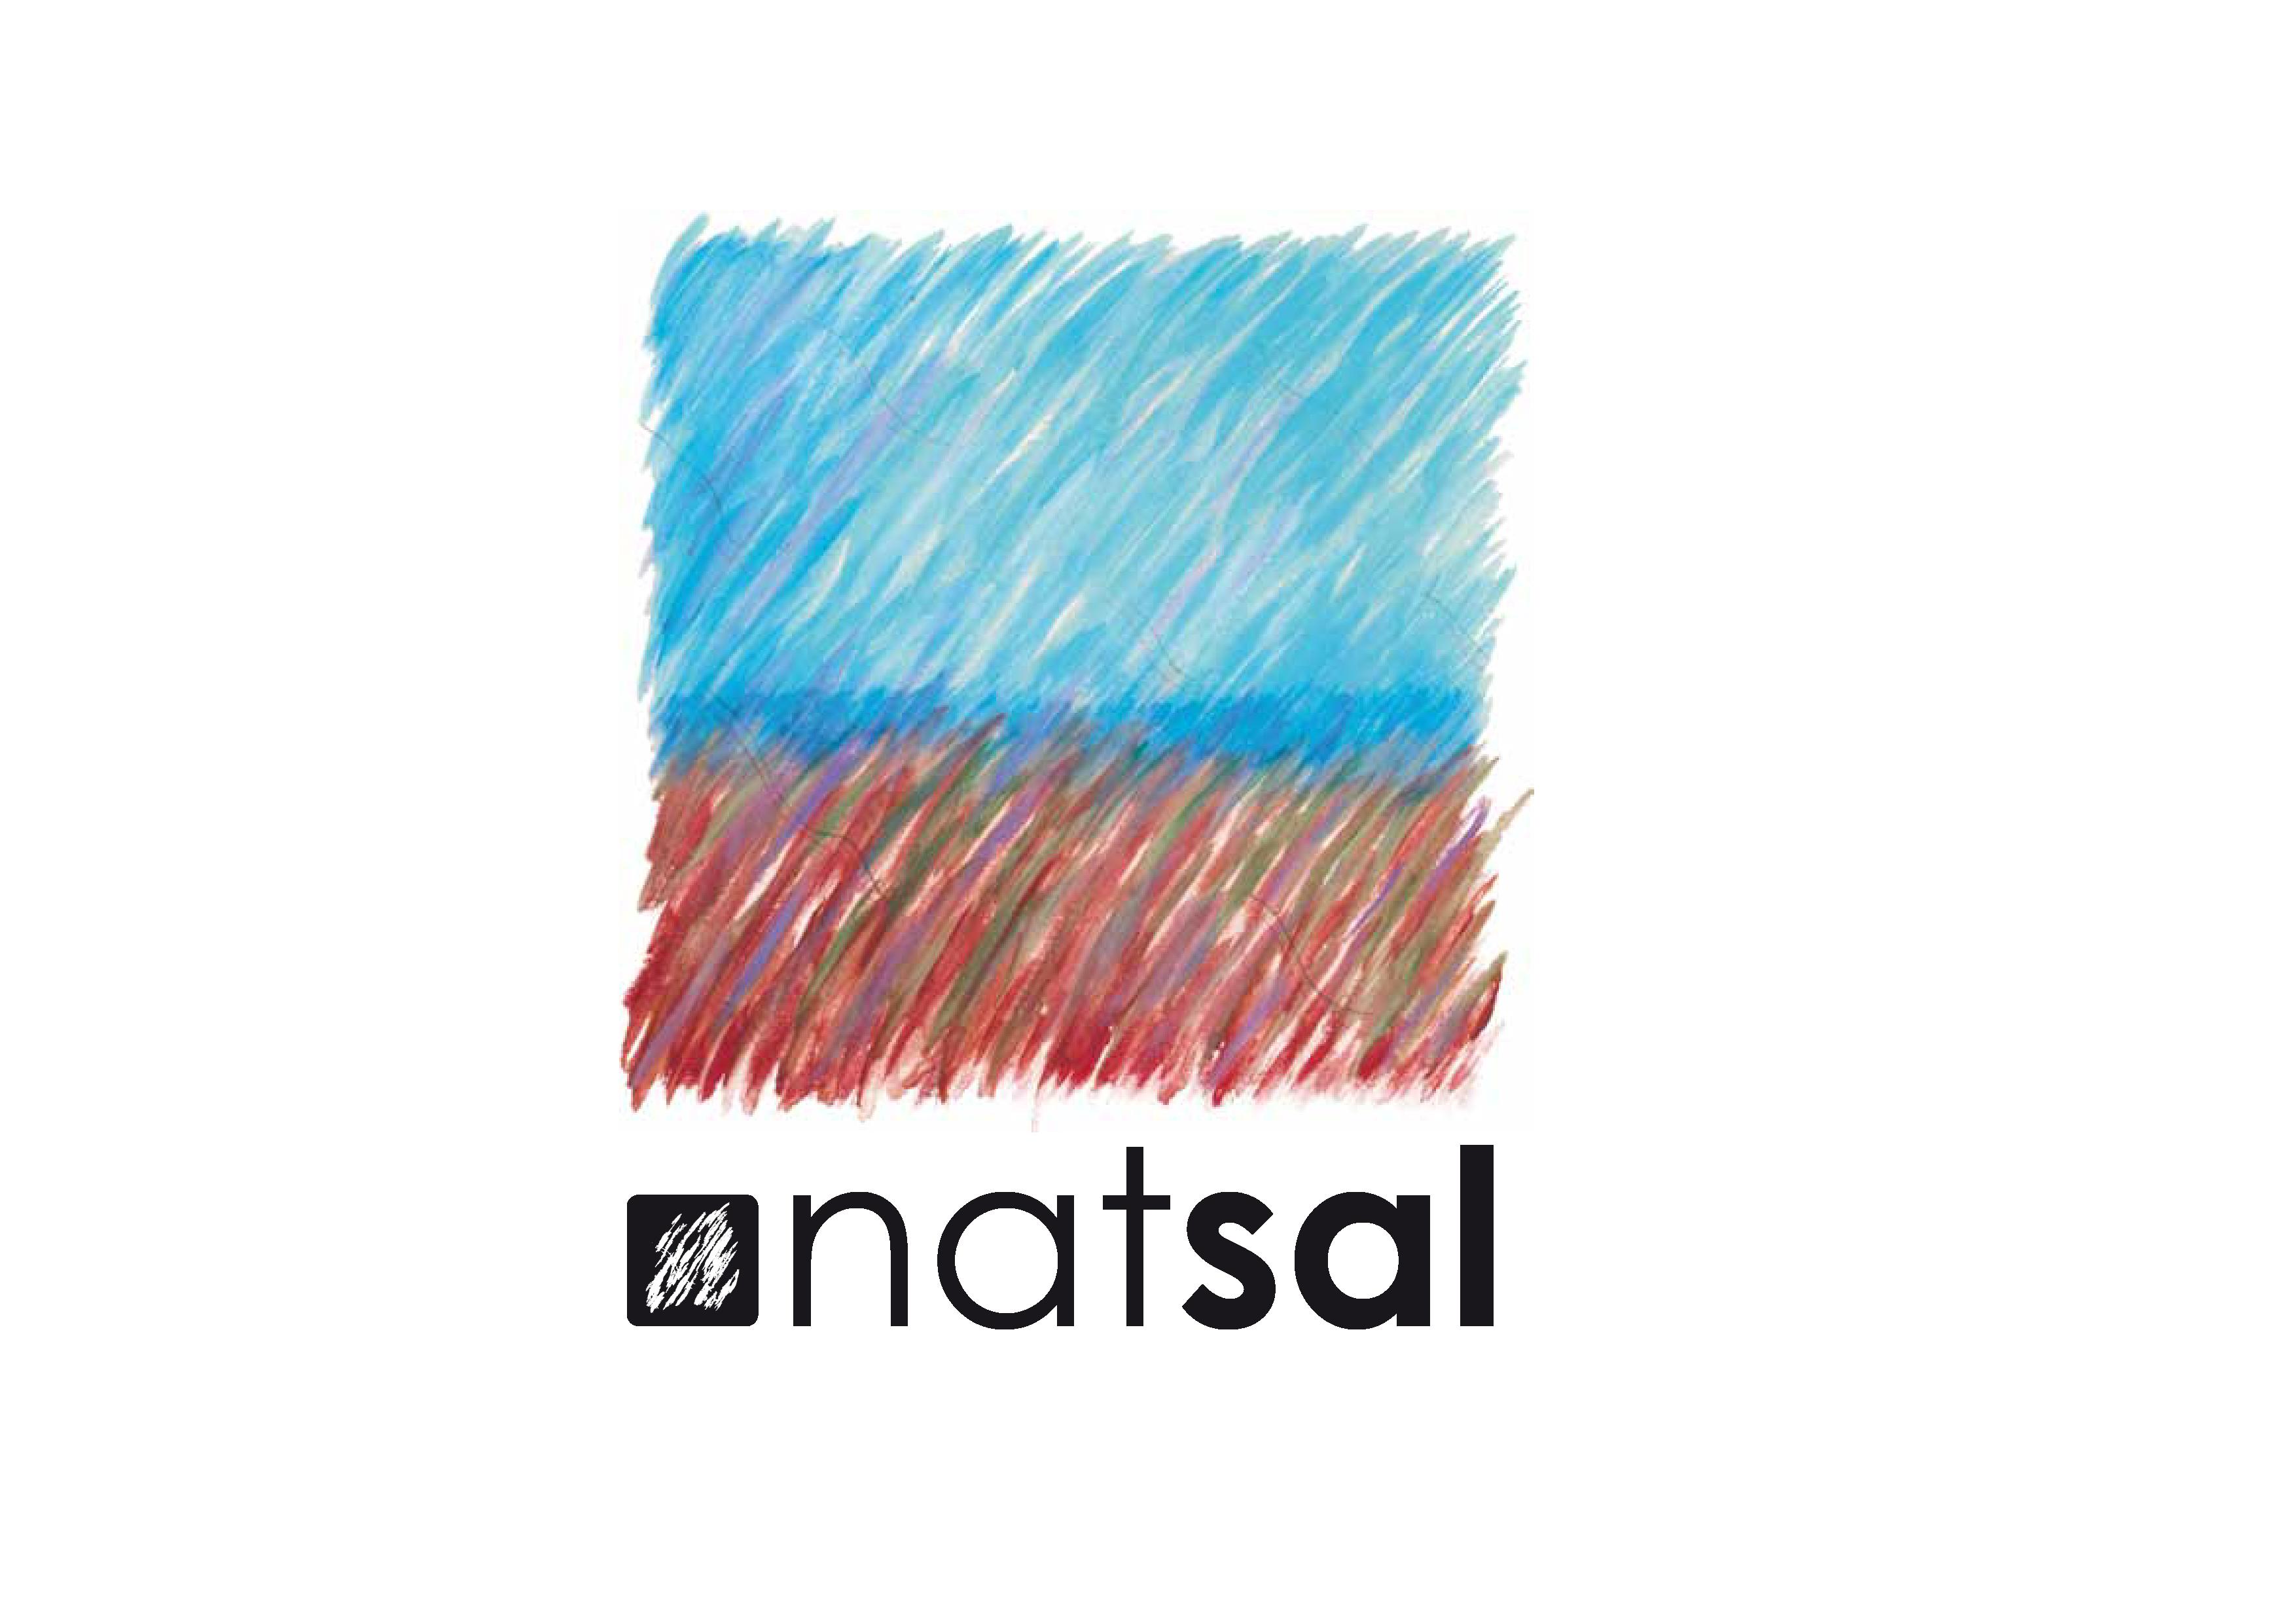 Logo NATSAL